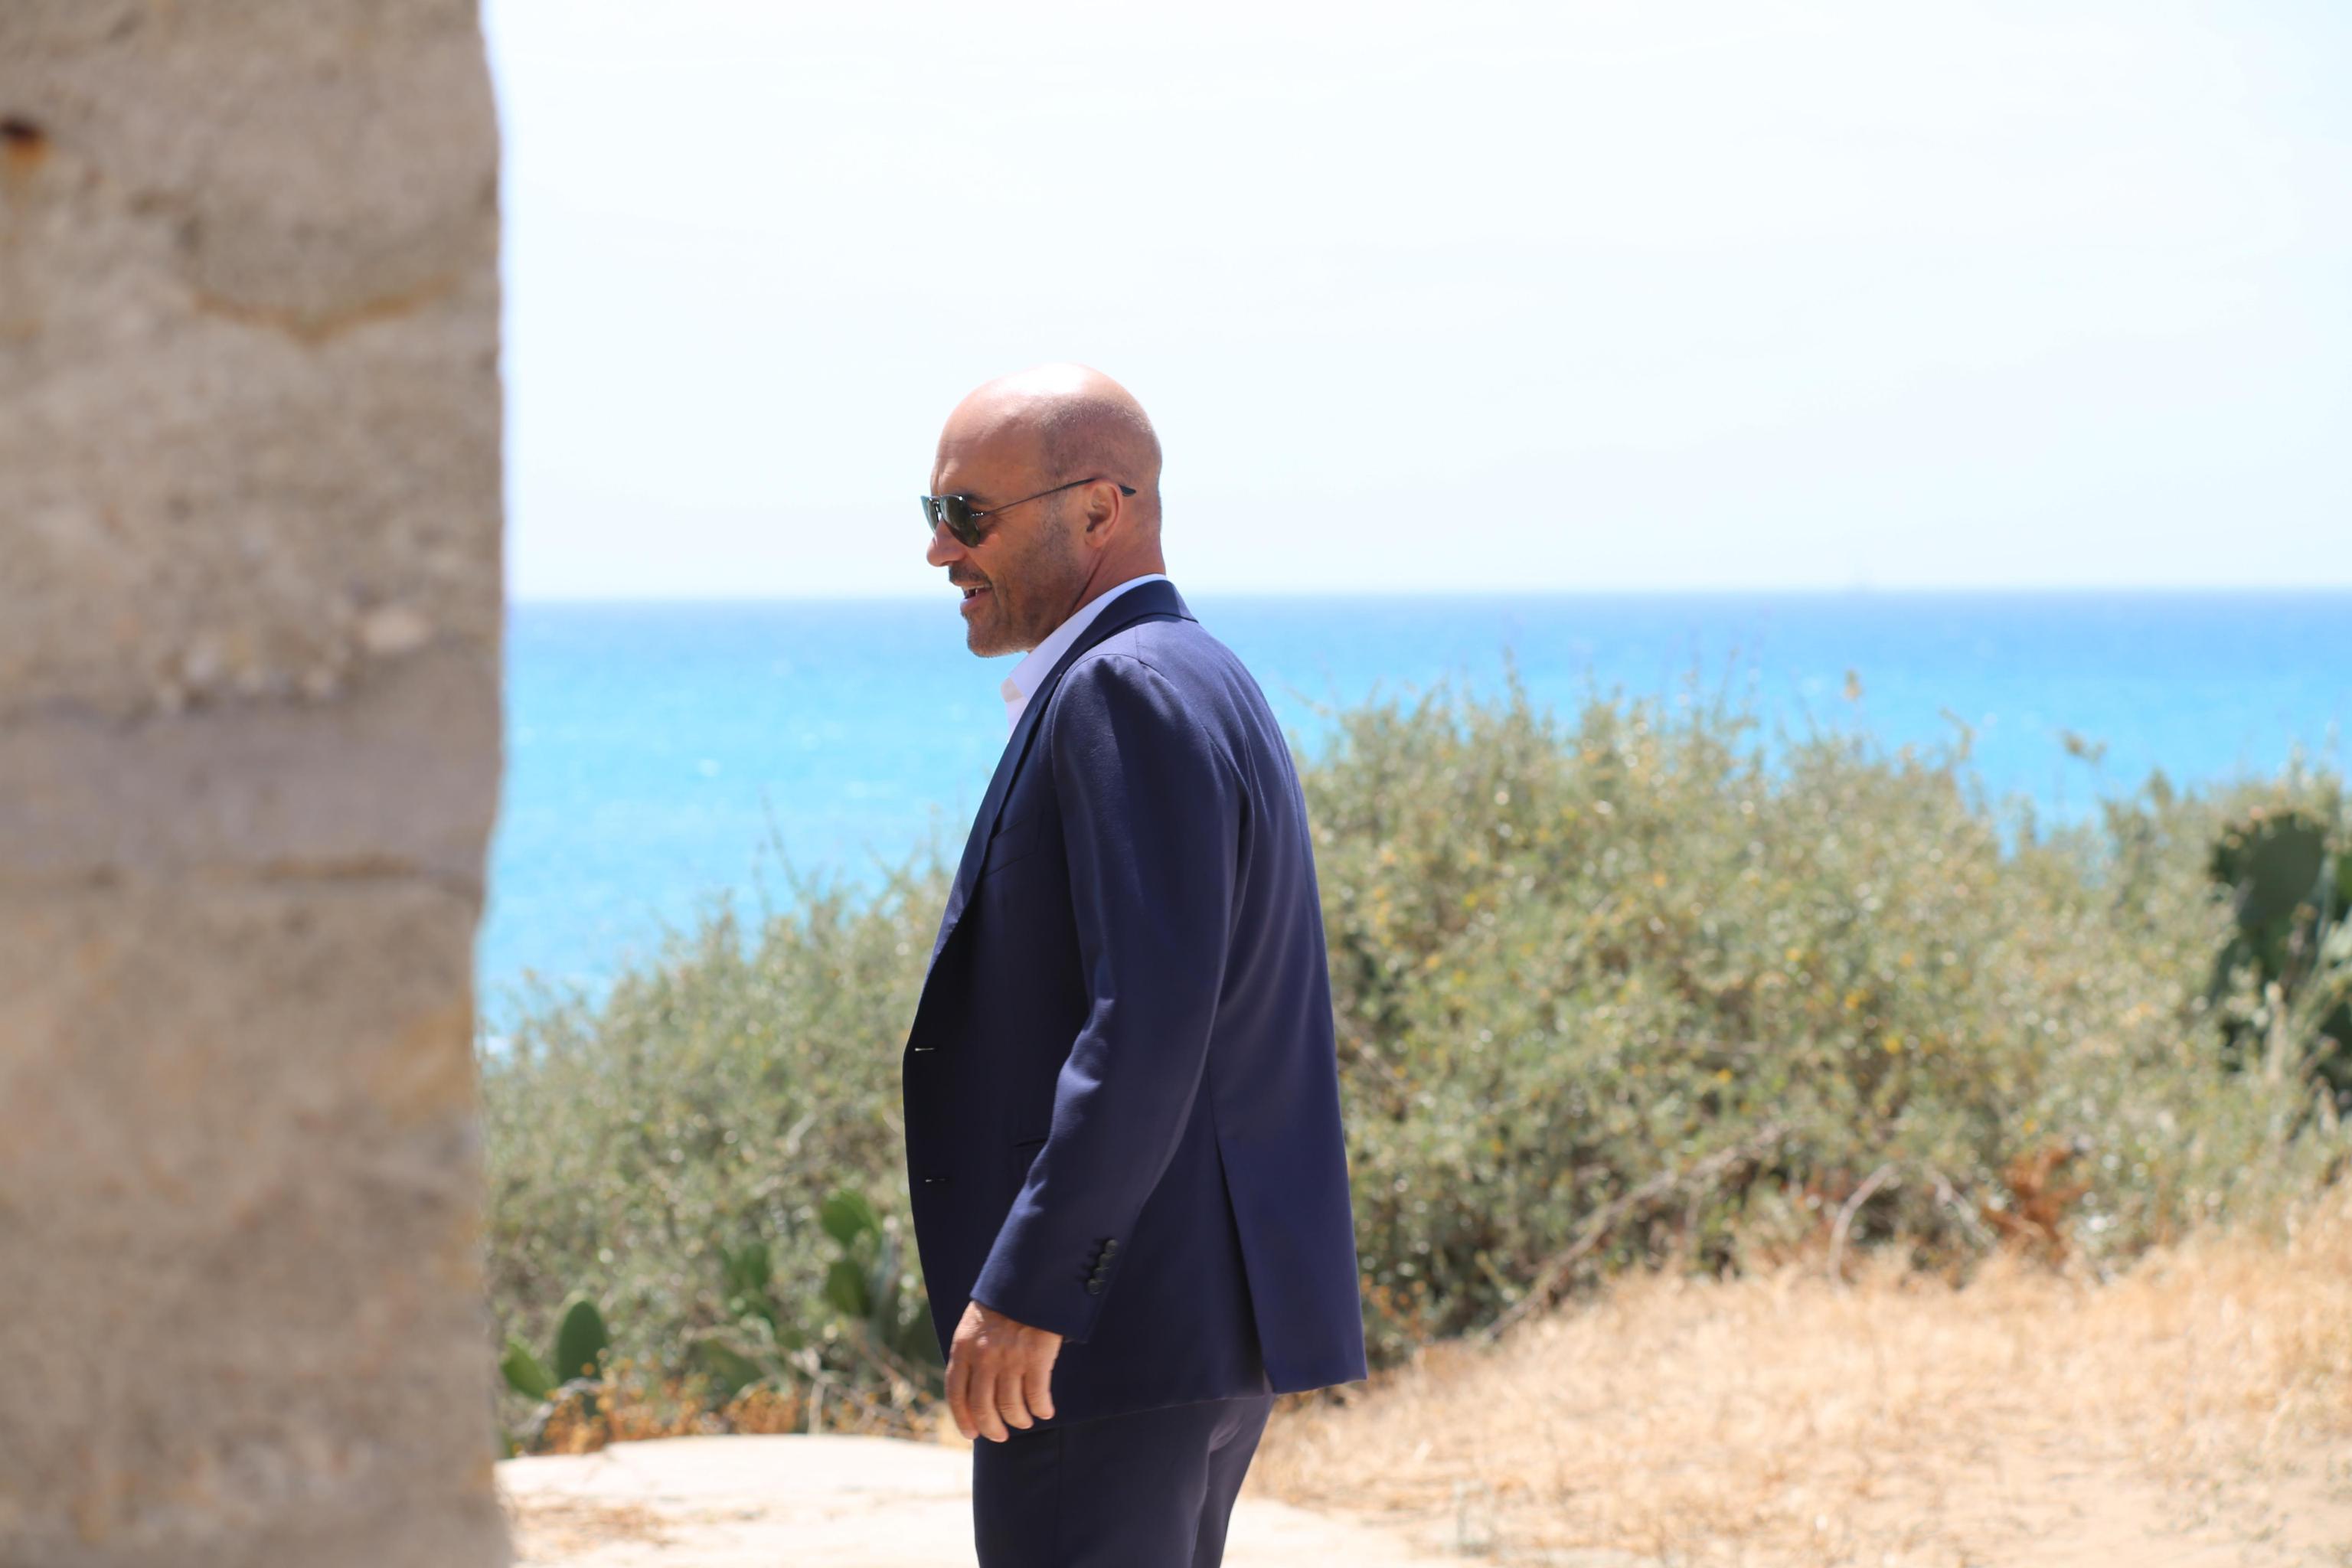 Il Commissario Montalbano piange il dottor Pasquano. Il funerale